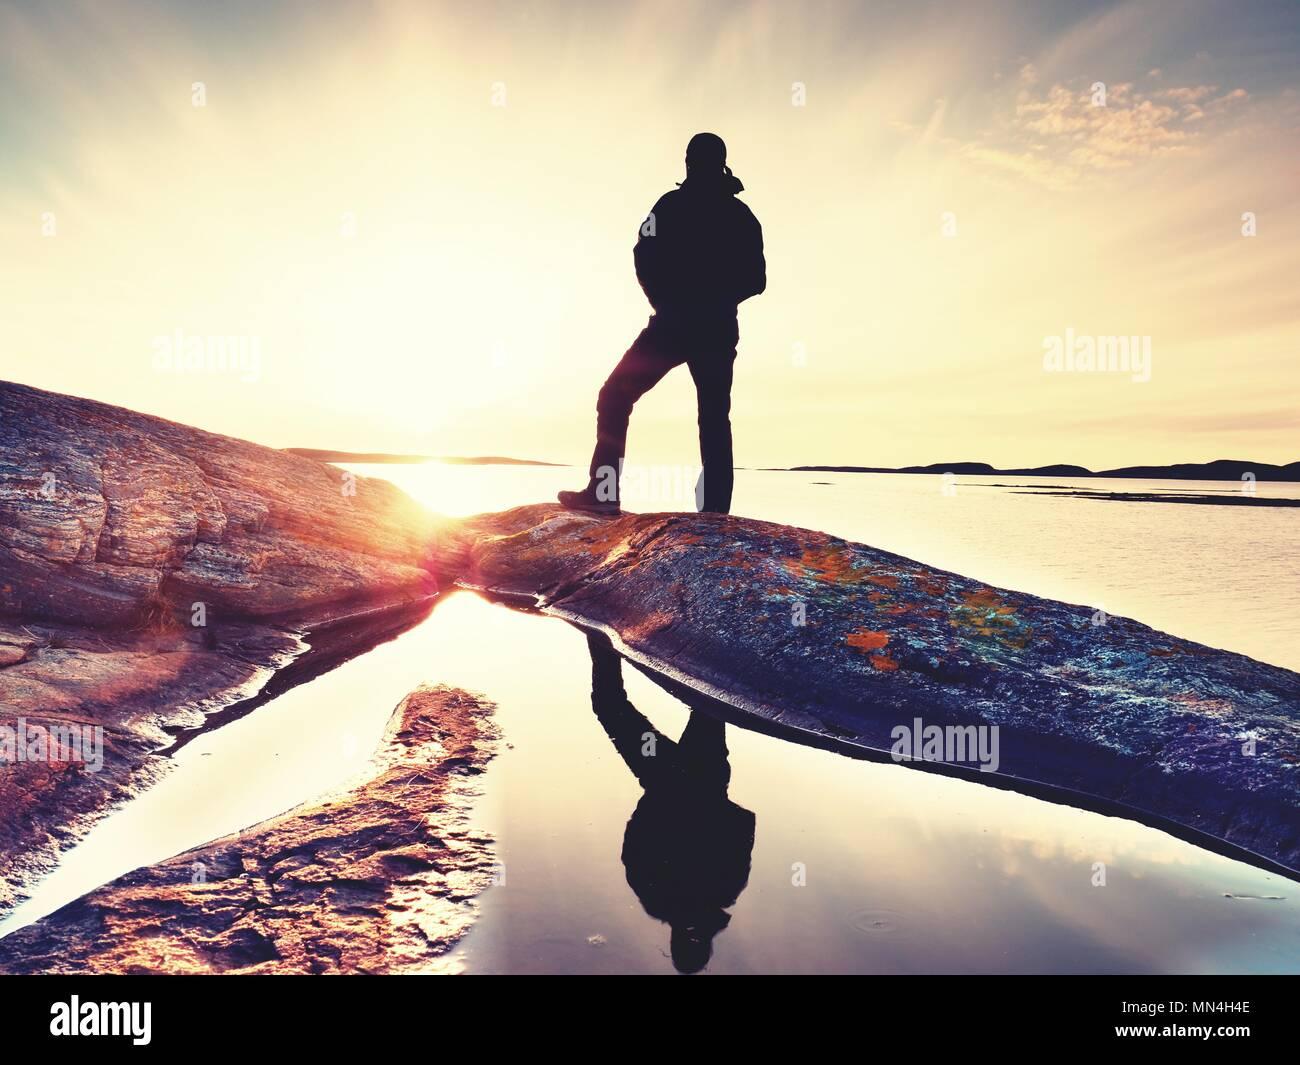 Silhouette of man en vêtements de plein air sur la falaise rocheuse au-dessus de la mer. Hikerthinking pendant le coucher du soleil en arrière-plan. Vous voyagez loin concept. Photo Stock